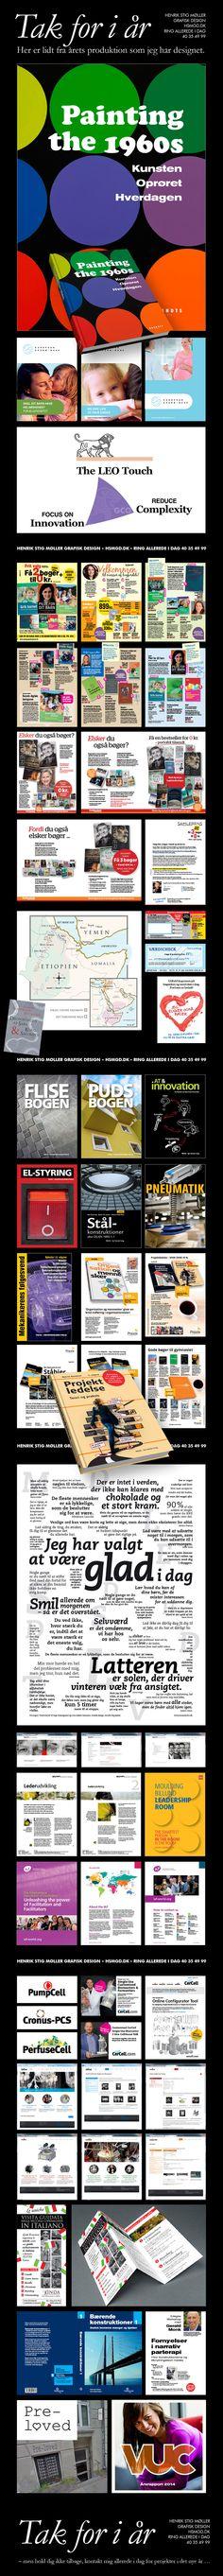 Her er lidt fra årets produktion som jeg har designet. #grafisk #design #graphic  http://hsmgd.dk/tak-for-i-aar.aspx